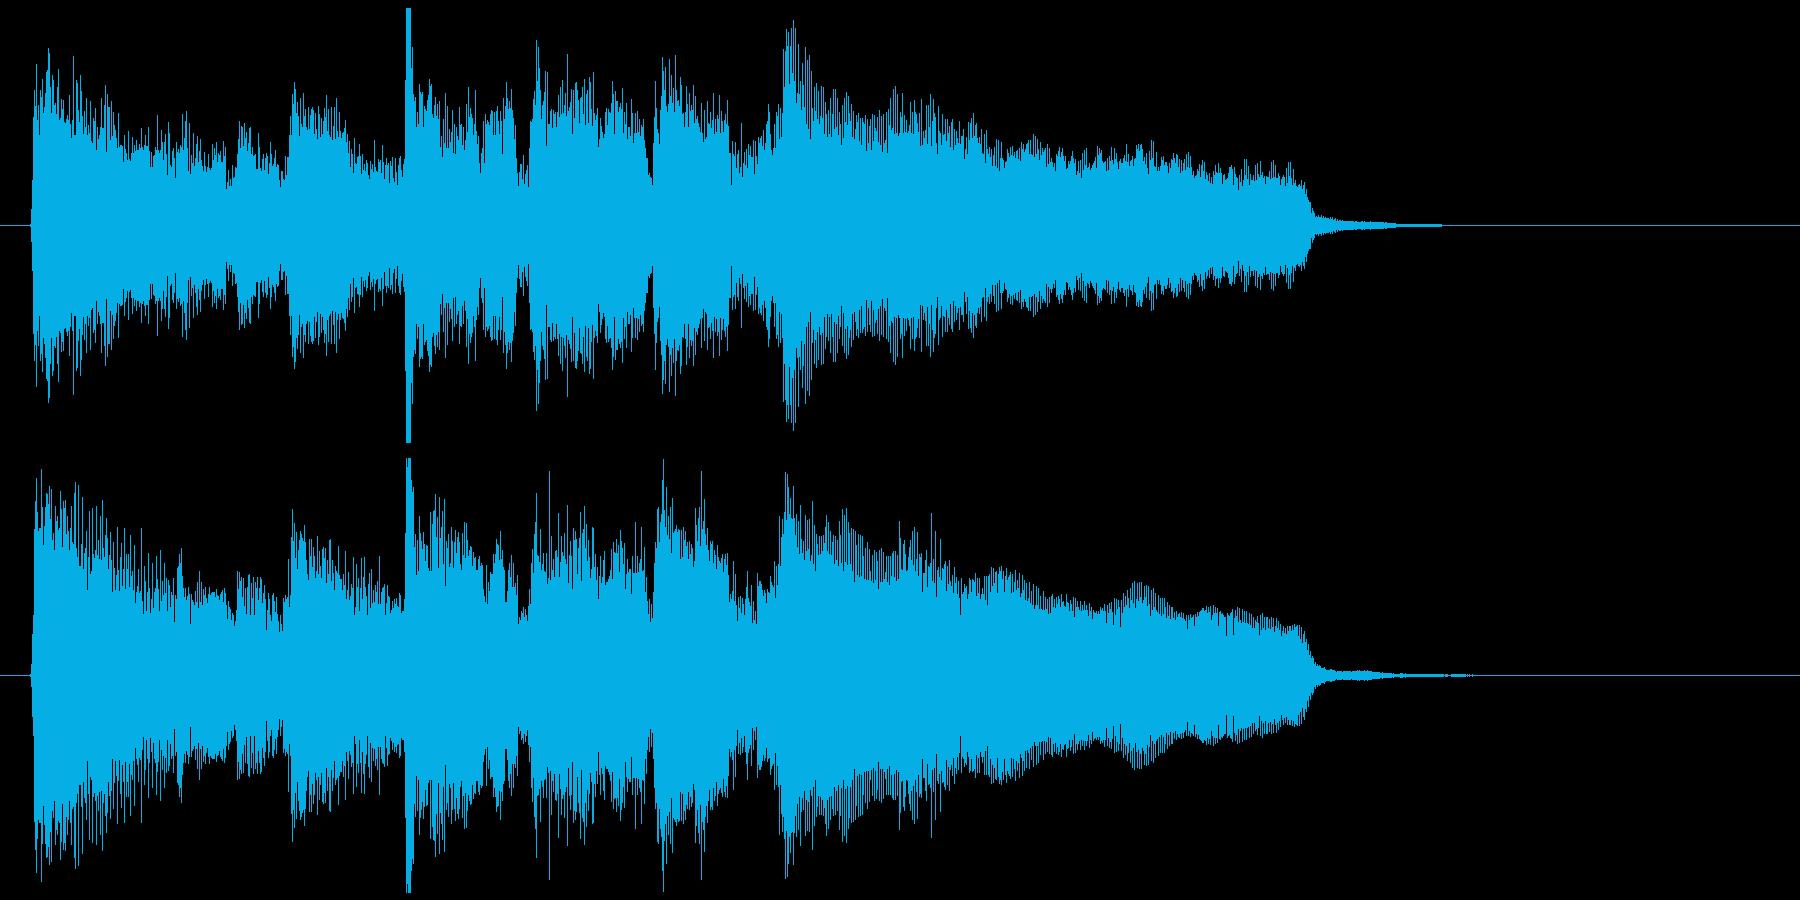 エピローグ的な穏やかワルツのジングルの再生済みの波形